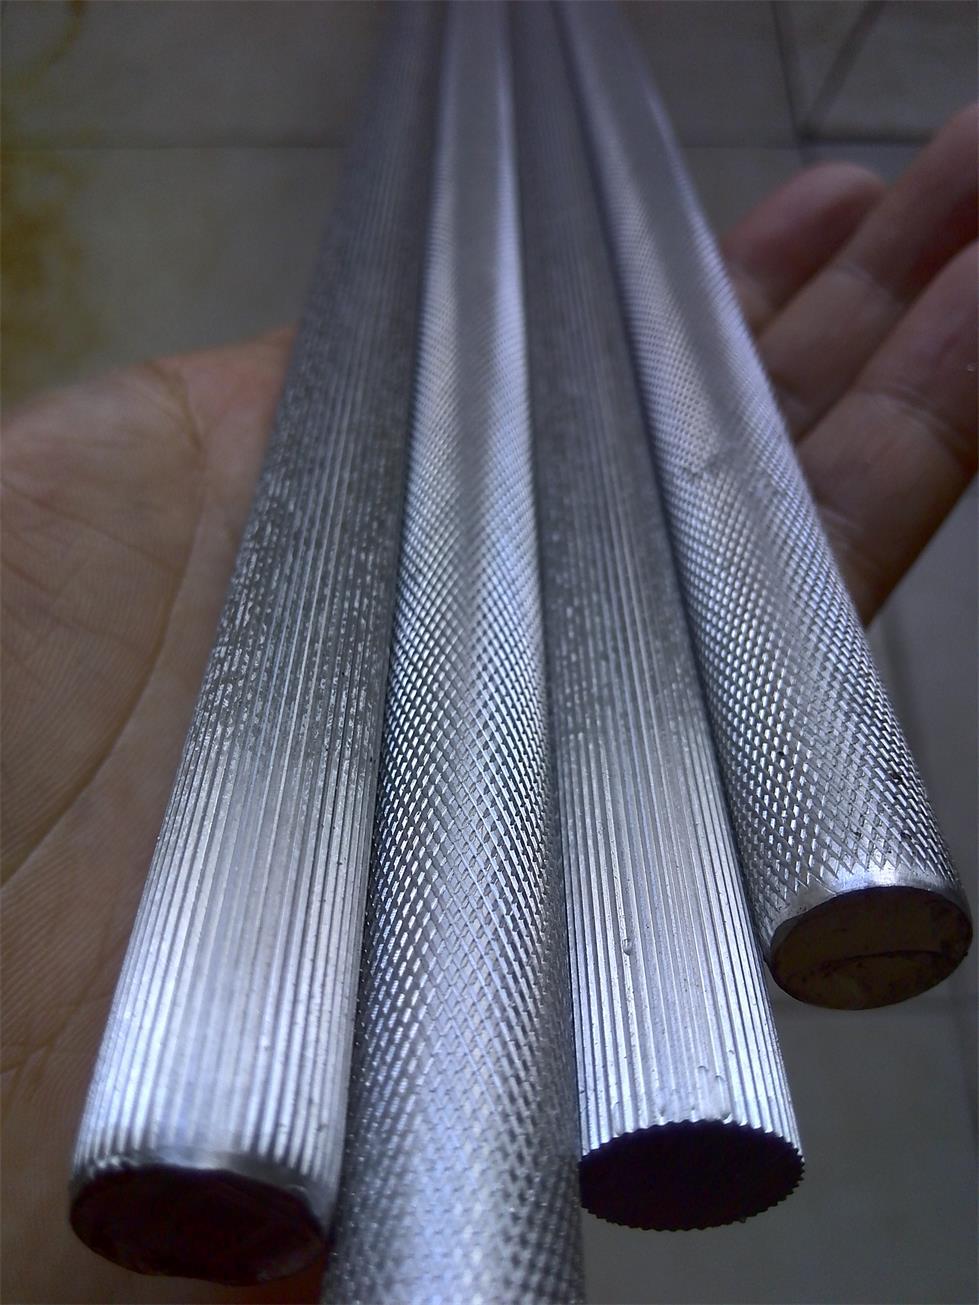 安徽网纹拉花铝棒直纹滚花合金铝棒